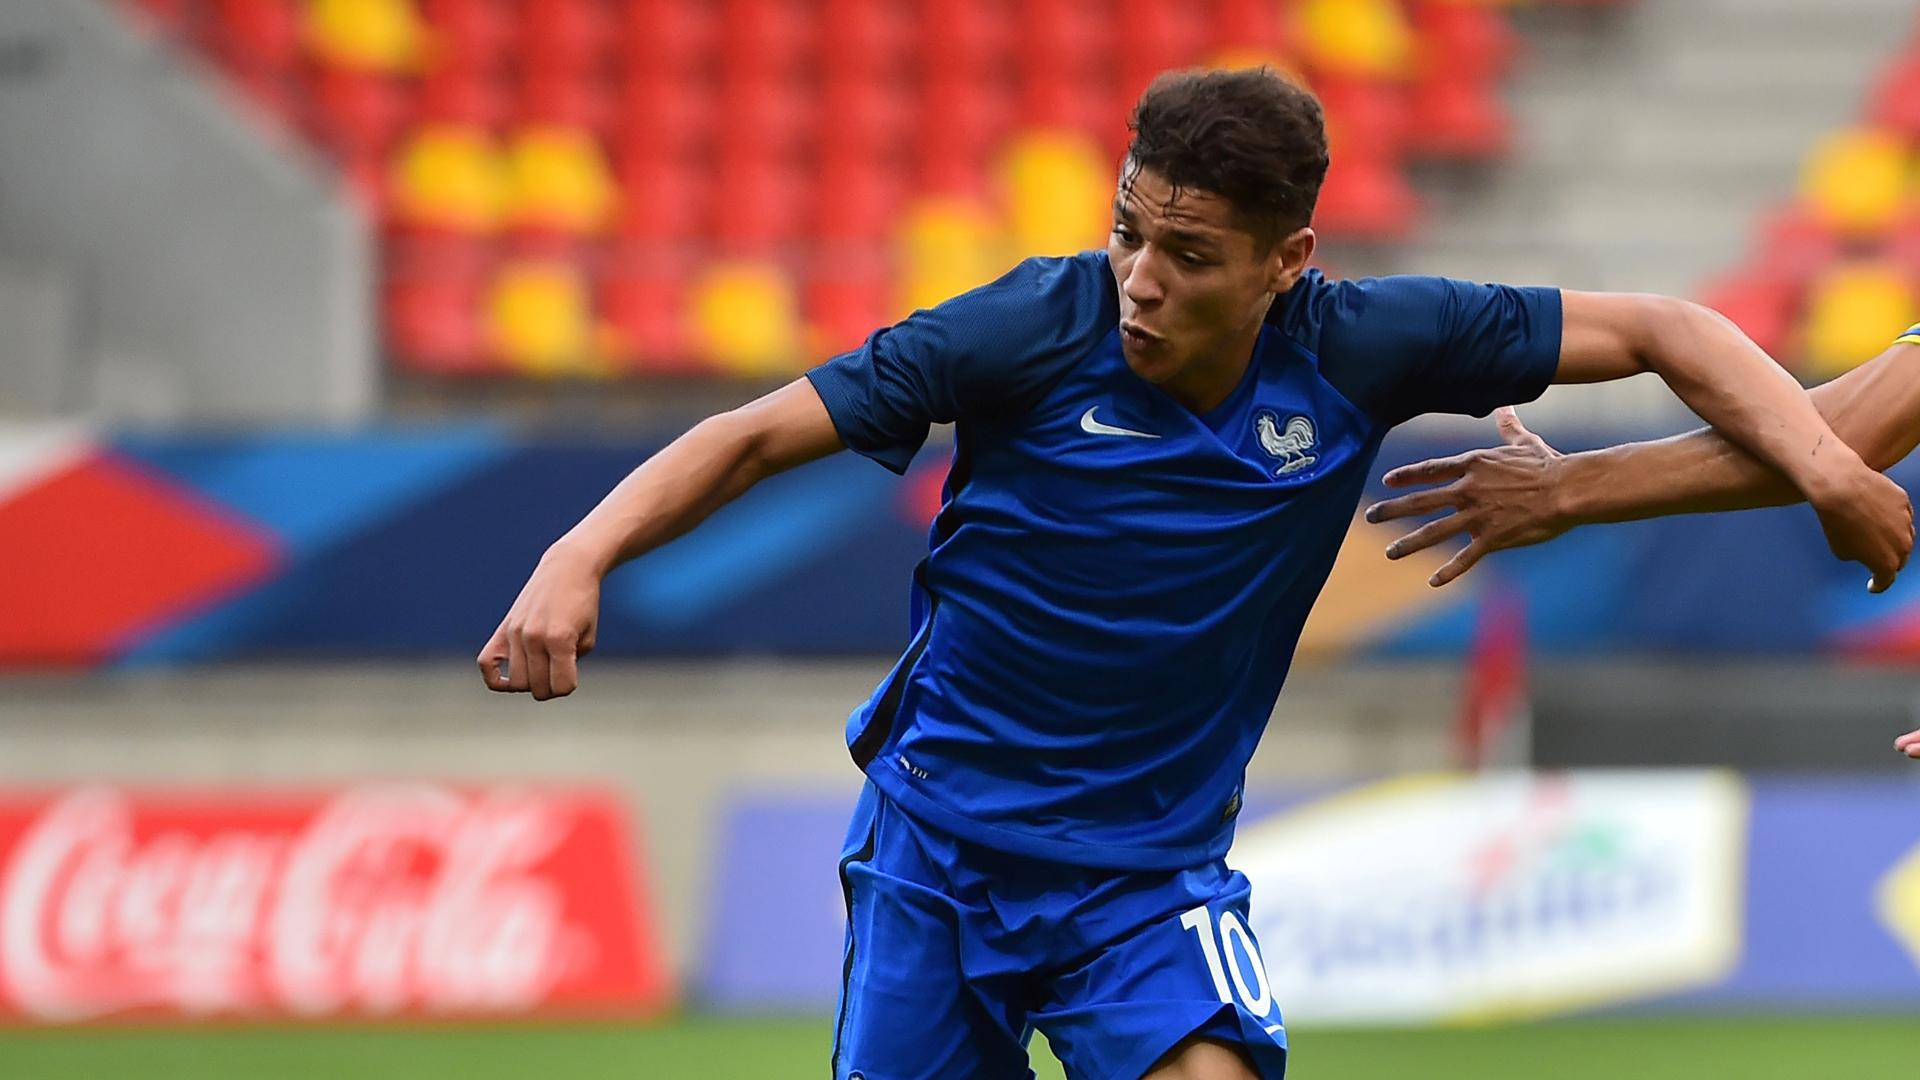 Amine Harit choisit de jouer pour le Maroc — France